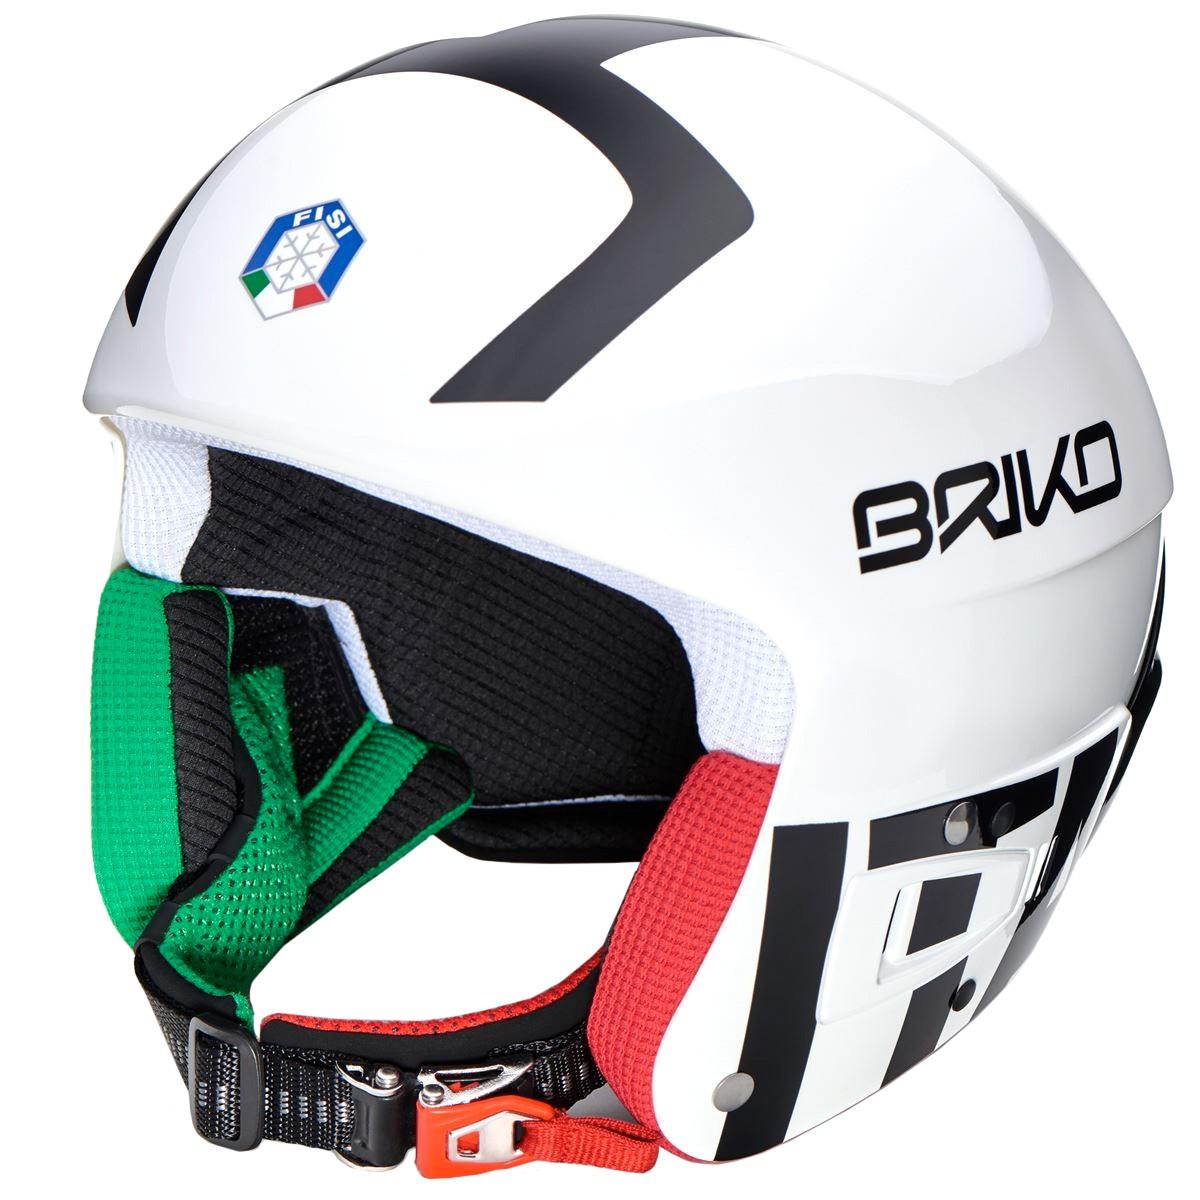 Casco sci Briko Vulcano Fis 6.8 Jr Fisi bianco (Colore: bianco-nero, Taglia: S/M)